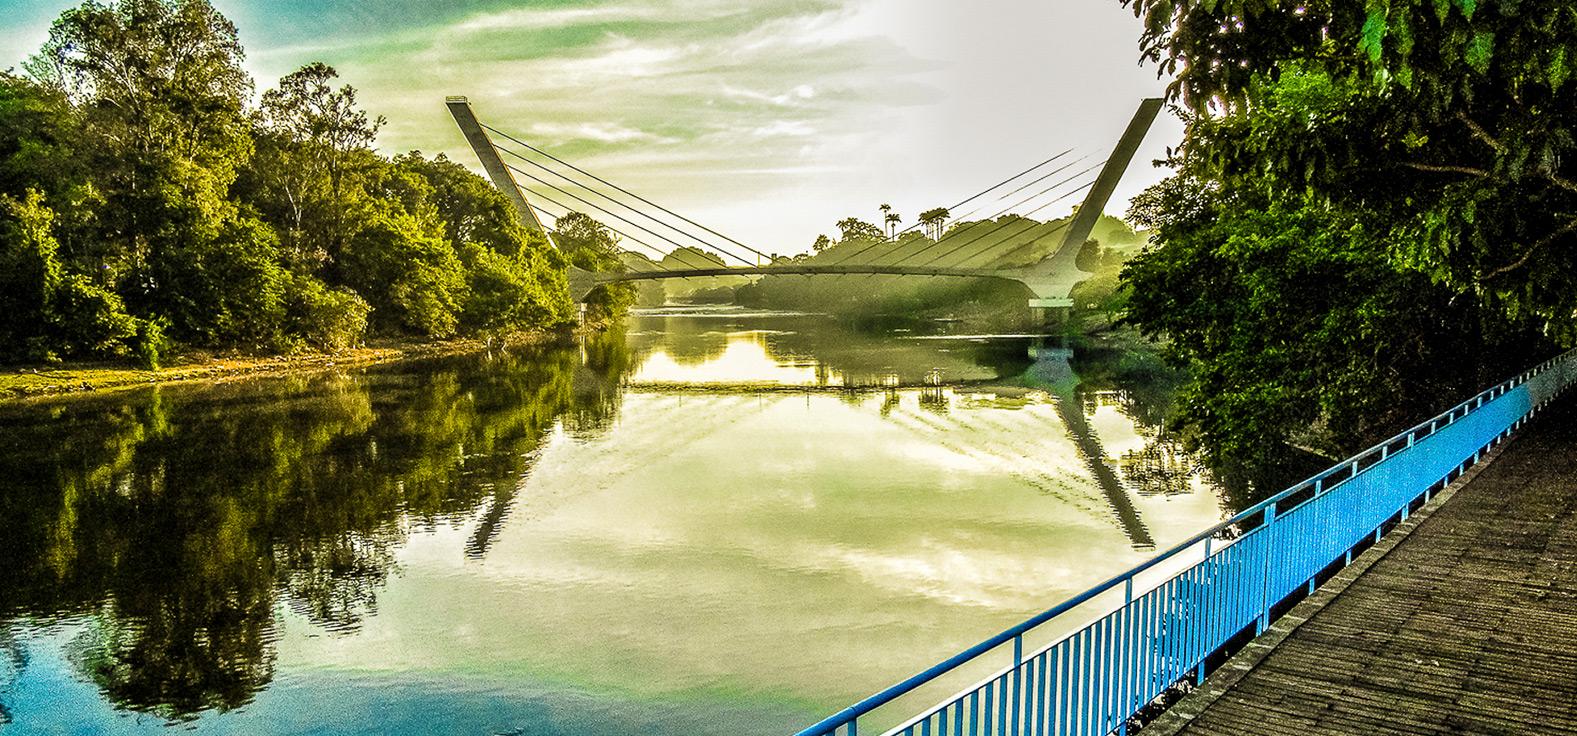 Ponte Estaiada em Piracicaba | Portal Serra do Itaquerí